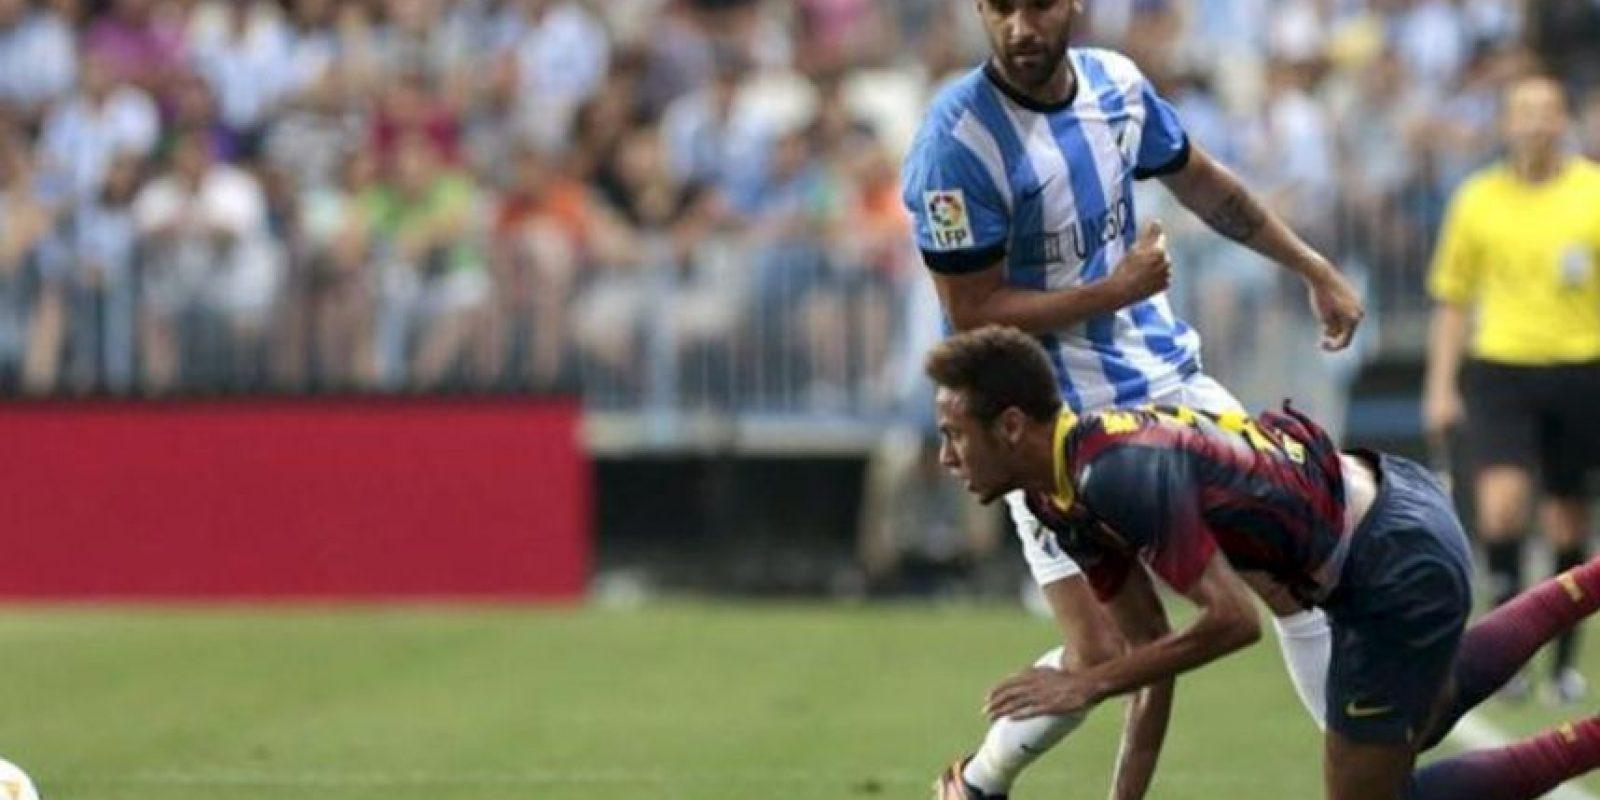 El delantero brasileño del FC Barcelona Neymar (d) cae ante Jesús Gámez, del Málaga, durante el partido de la segunda jornada de la Liga BBVA disputado en el estadio de La Rosaleda. EFE